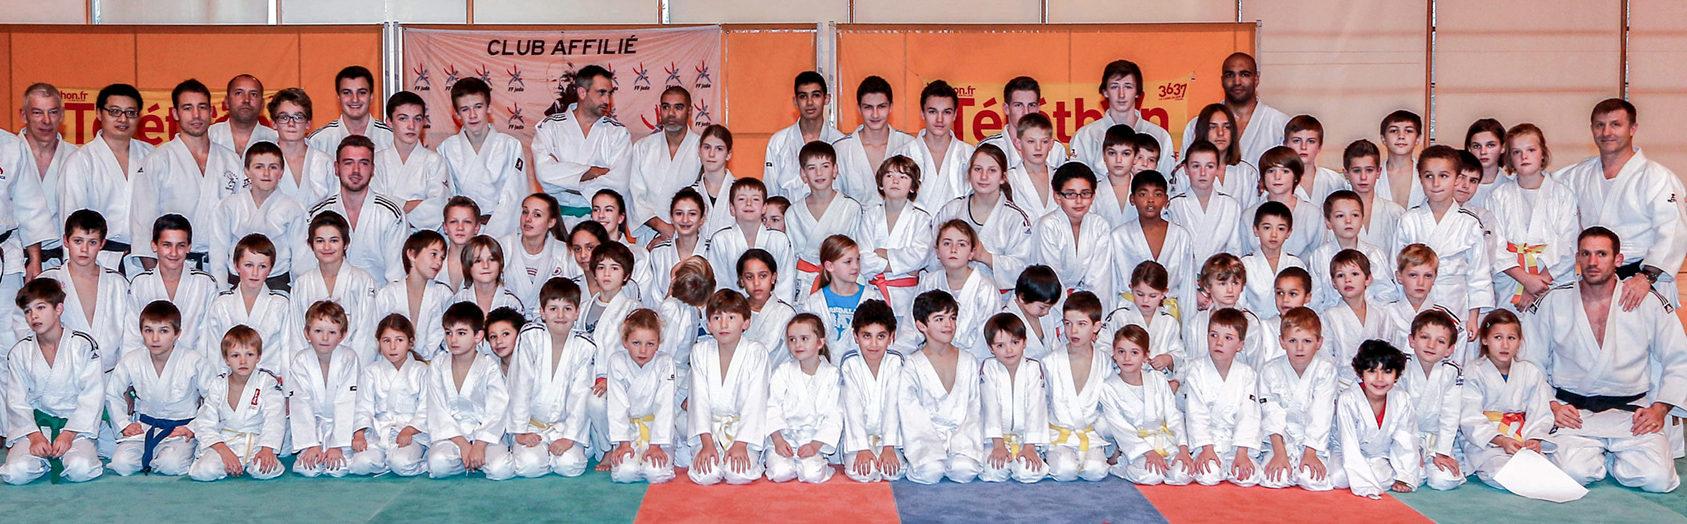 Divonne Judo   Club de Judo de Divonne-les-Bains pour enfants et adultes  tout niveau d5bbfd2100d